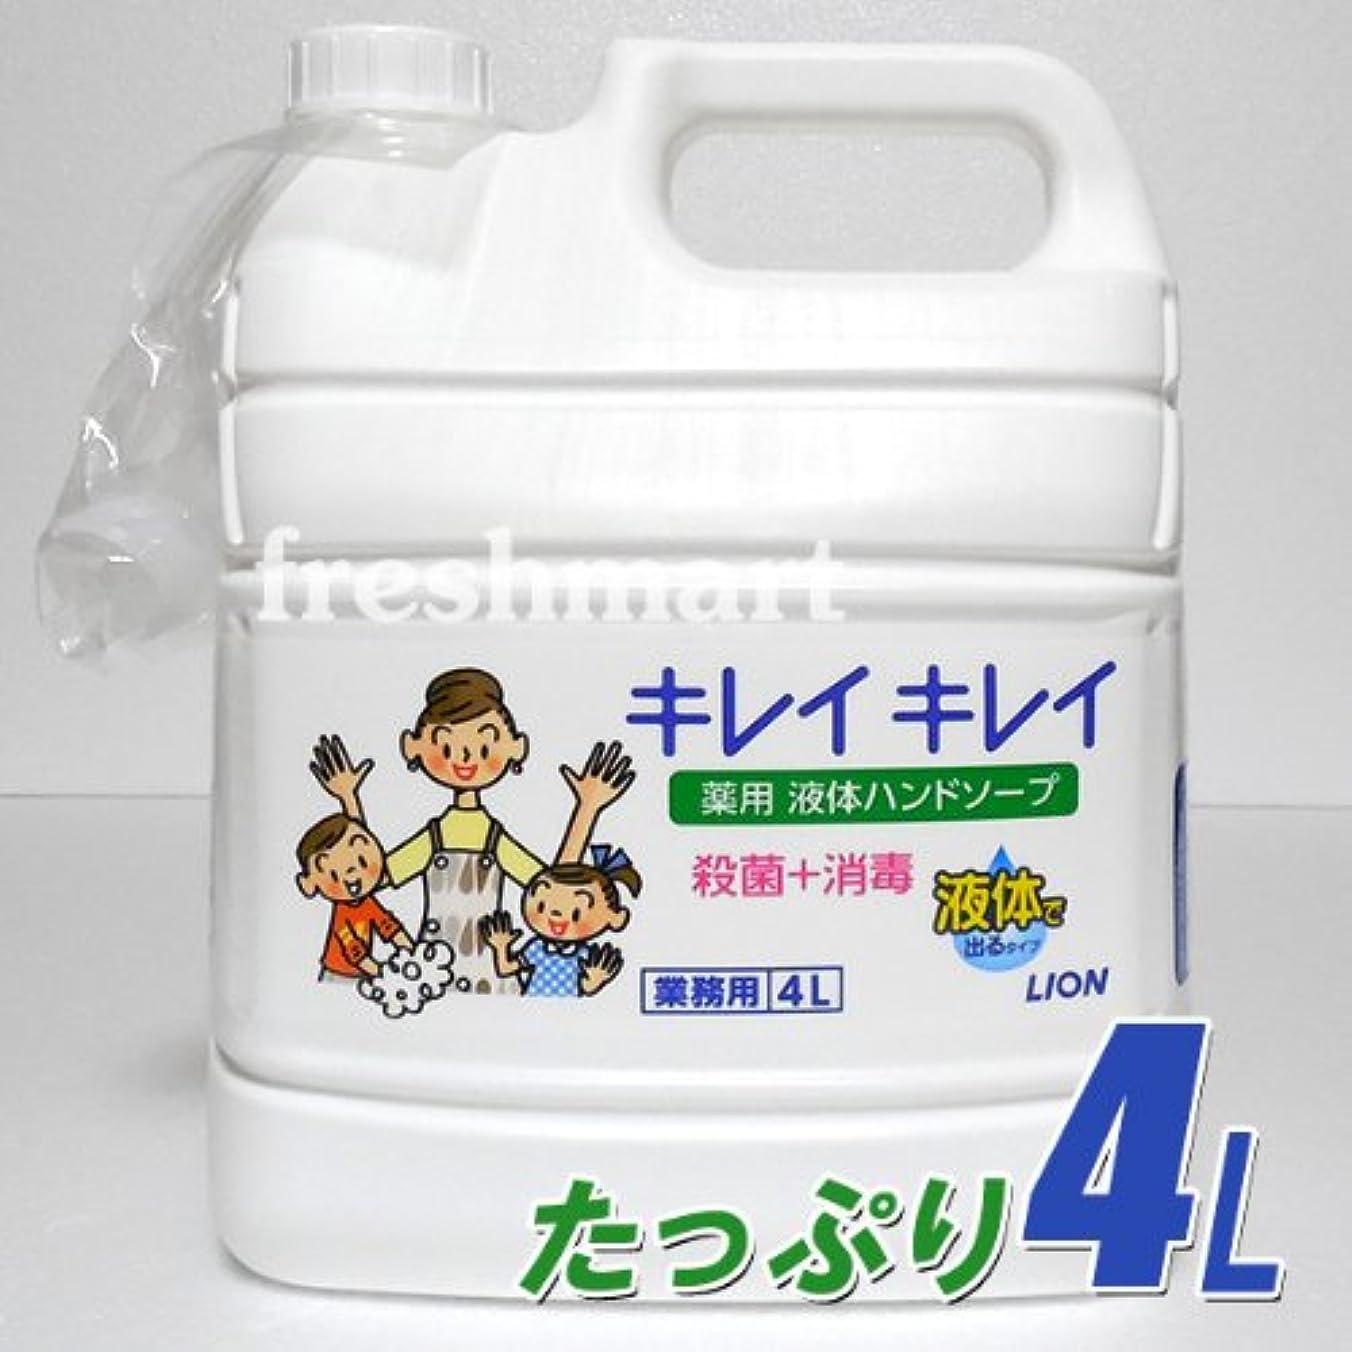 収穫歌詞等価☆100%植物性洗浄成分使用☆ ライオン キレイキレイ 薬用液体ハンドソープ つめかえ用4L 業務用 大容量 ボトル